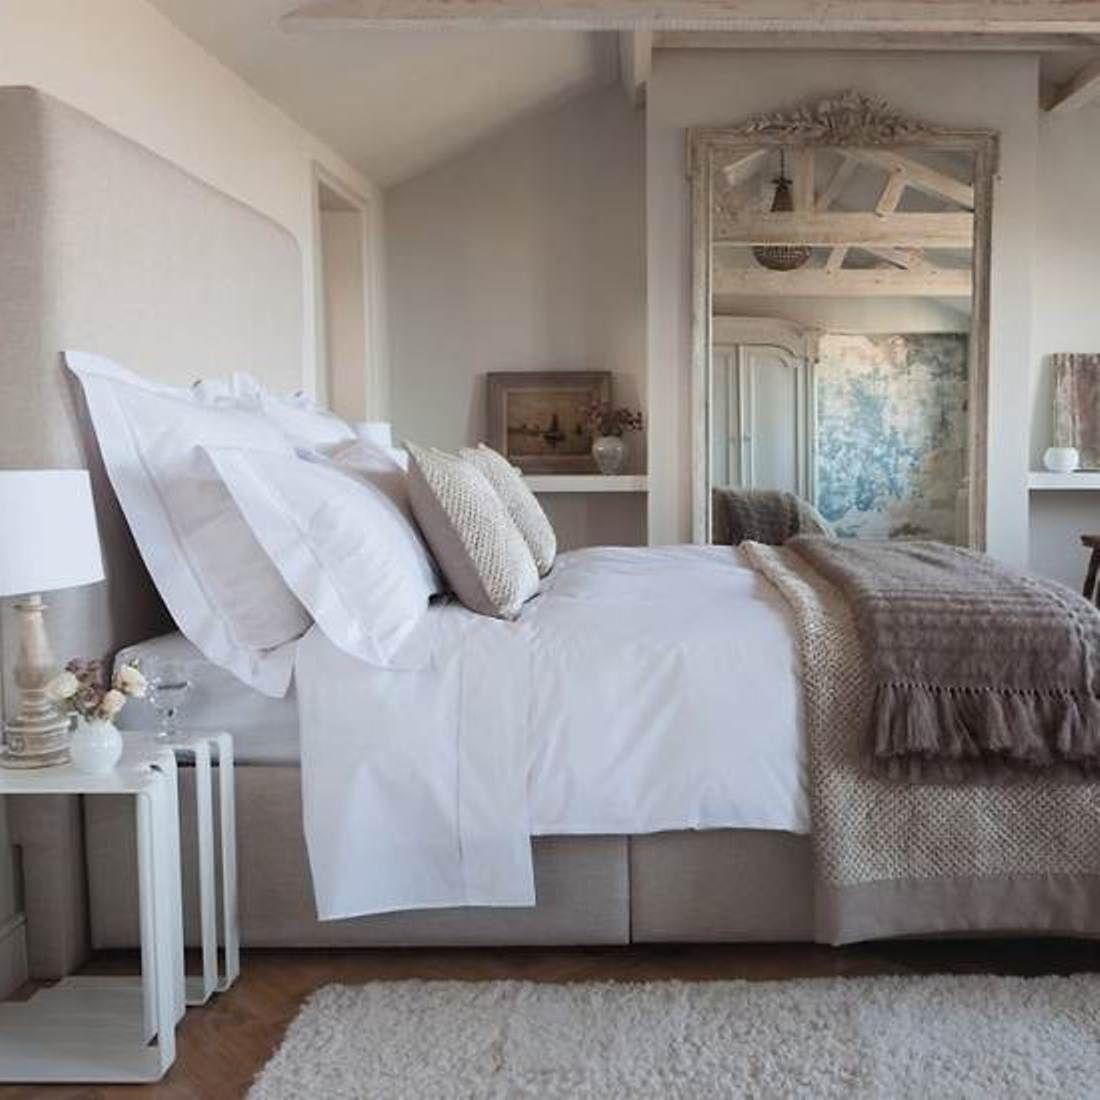 Schlafzimmer Auf Einem Budget Design Ideen #Badezimmer #Büromöbel  #Couchtisch #Deko Ideen #